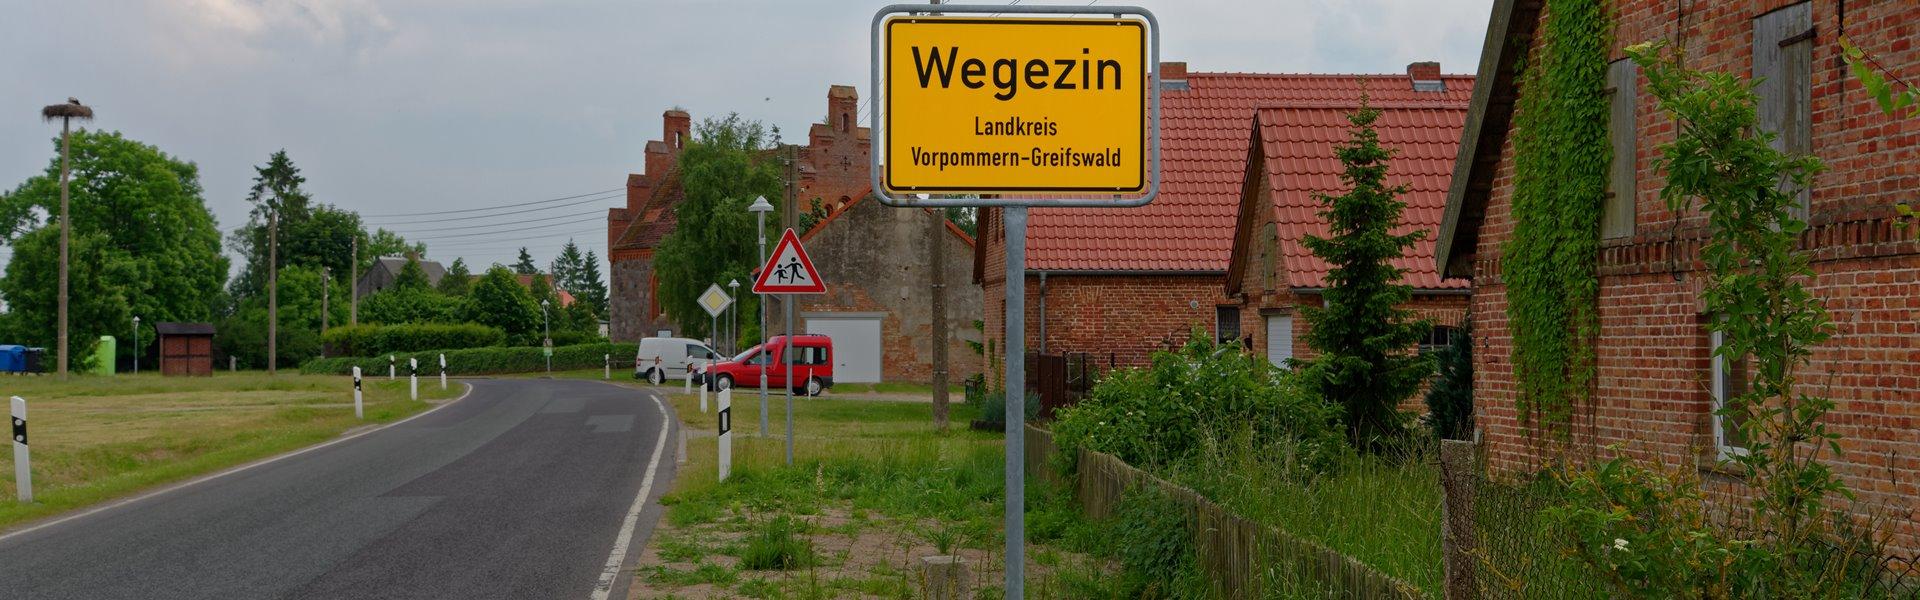 Wegezin im Landkreis Vorpommern-Greifswald